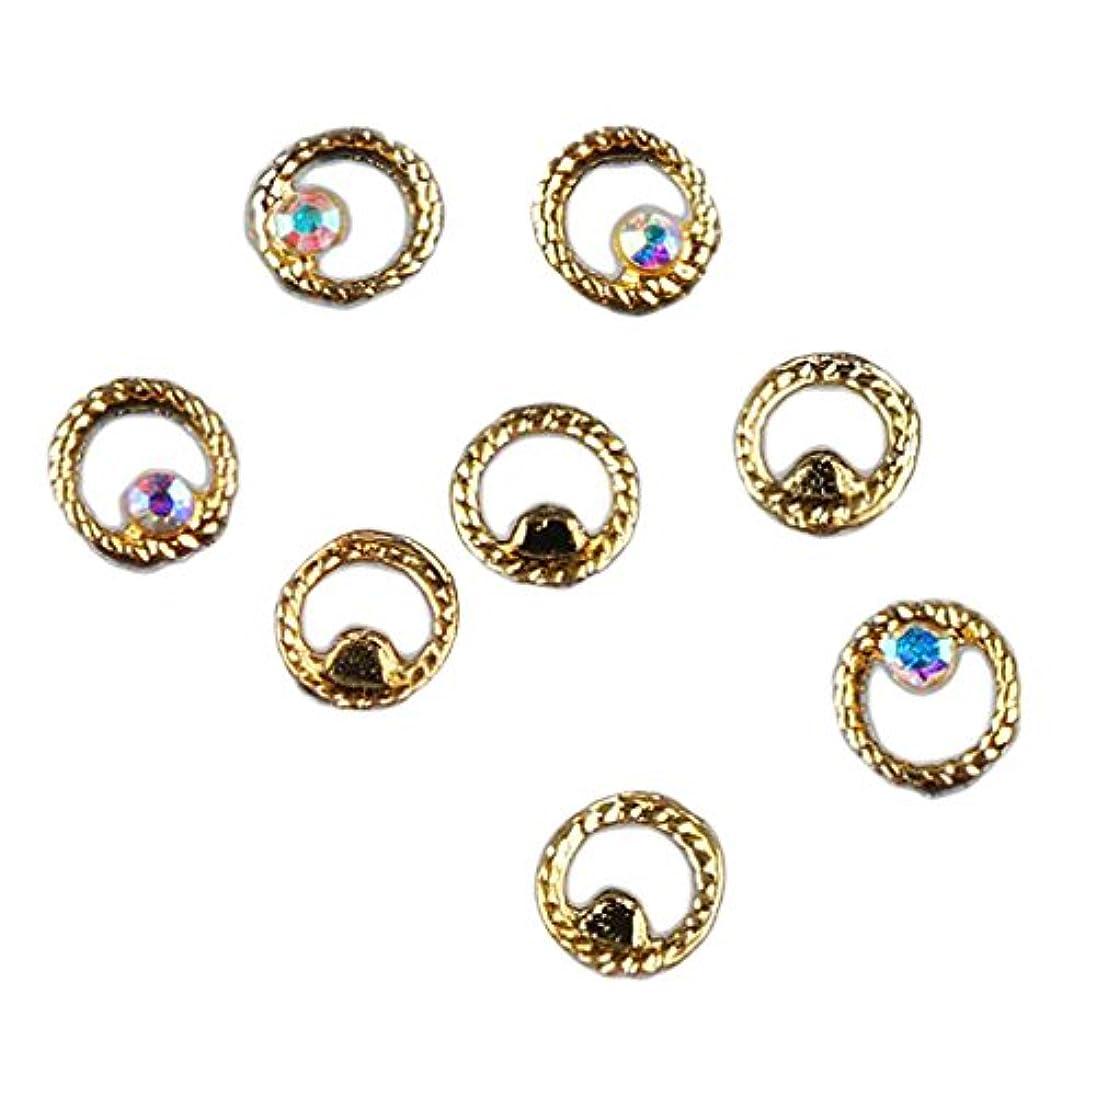 無駄にバング不安定マニキュア ダイヤモンド 約50個 3Dネイルアート ヒントステッカー 装飾 全8タイプ選べ - 3